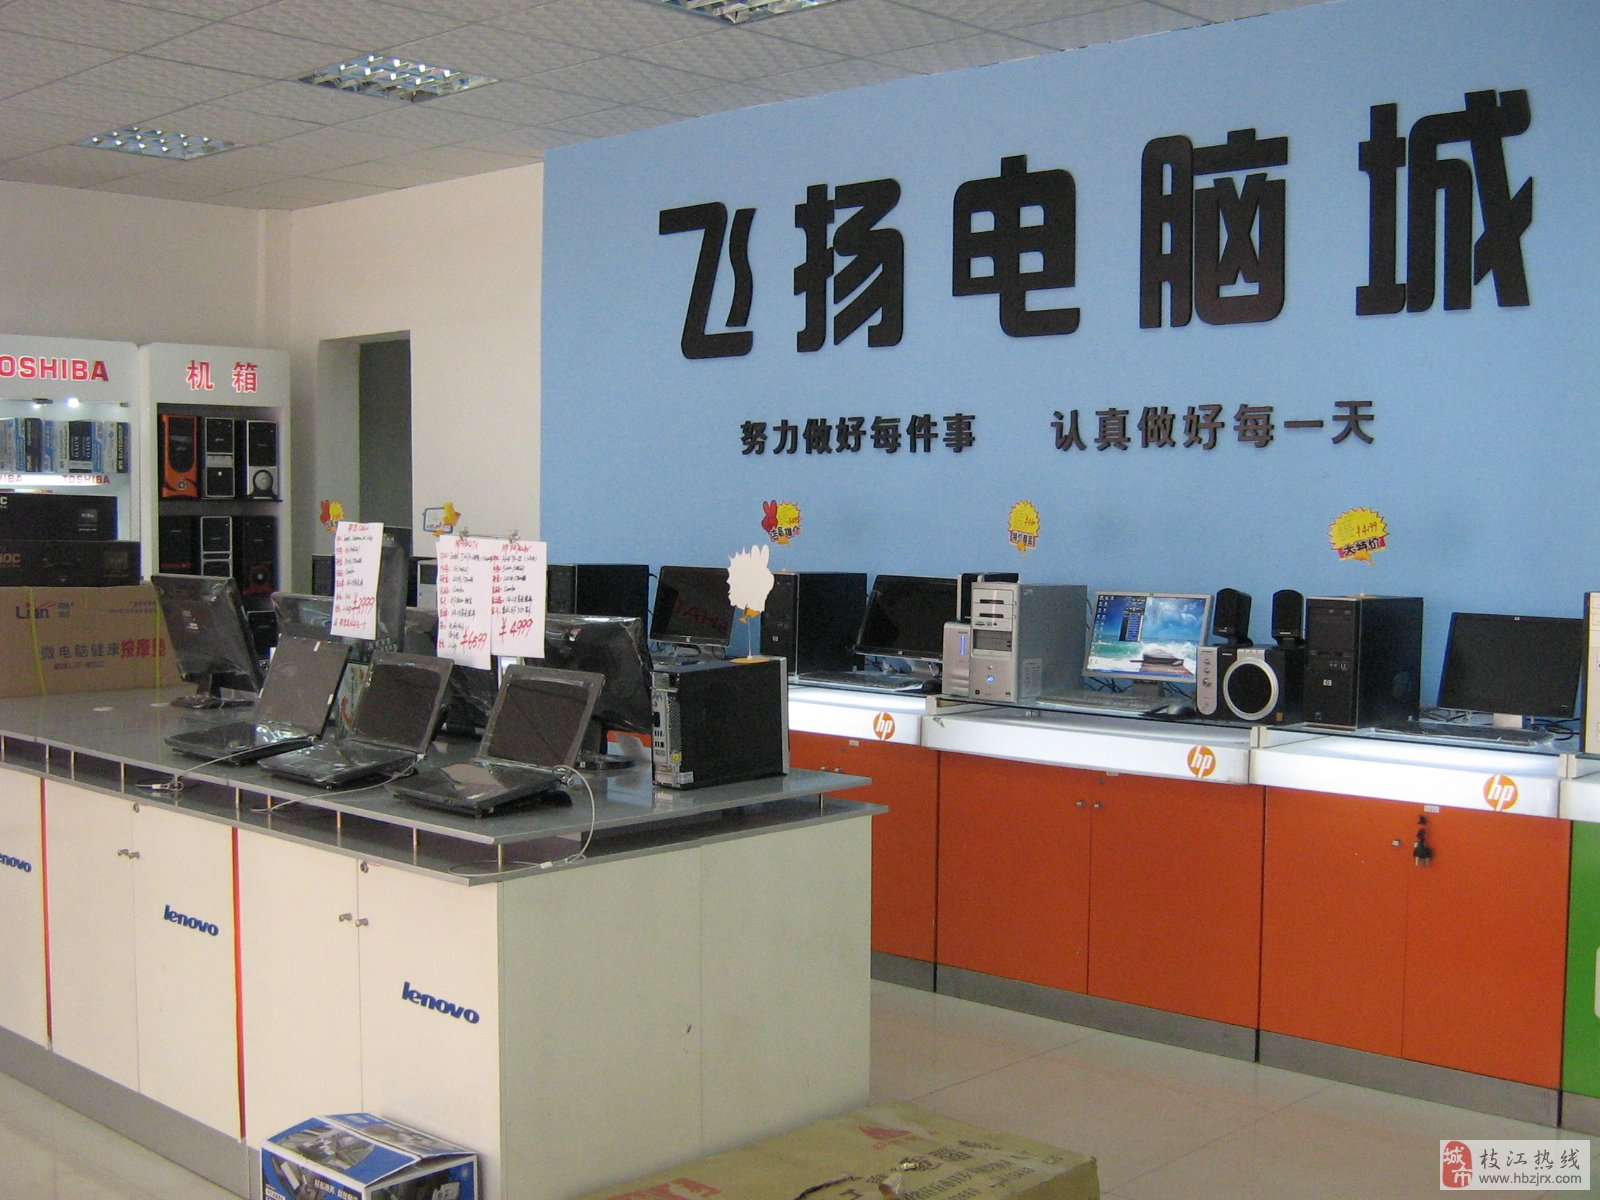 绍兴市越城区飞洋电脑商行